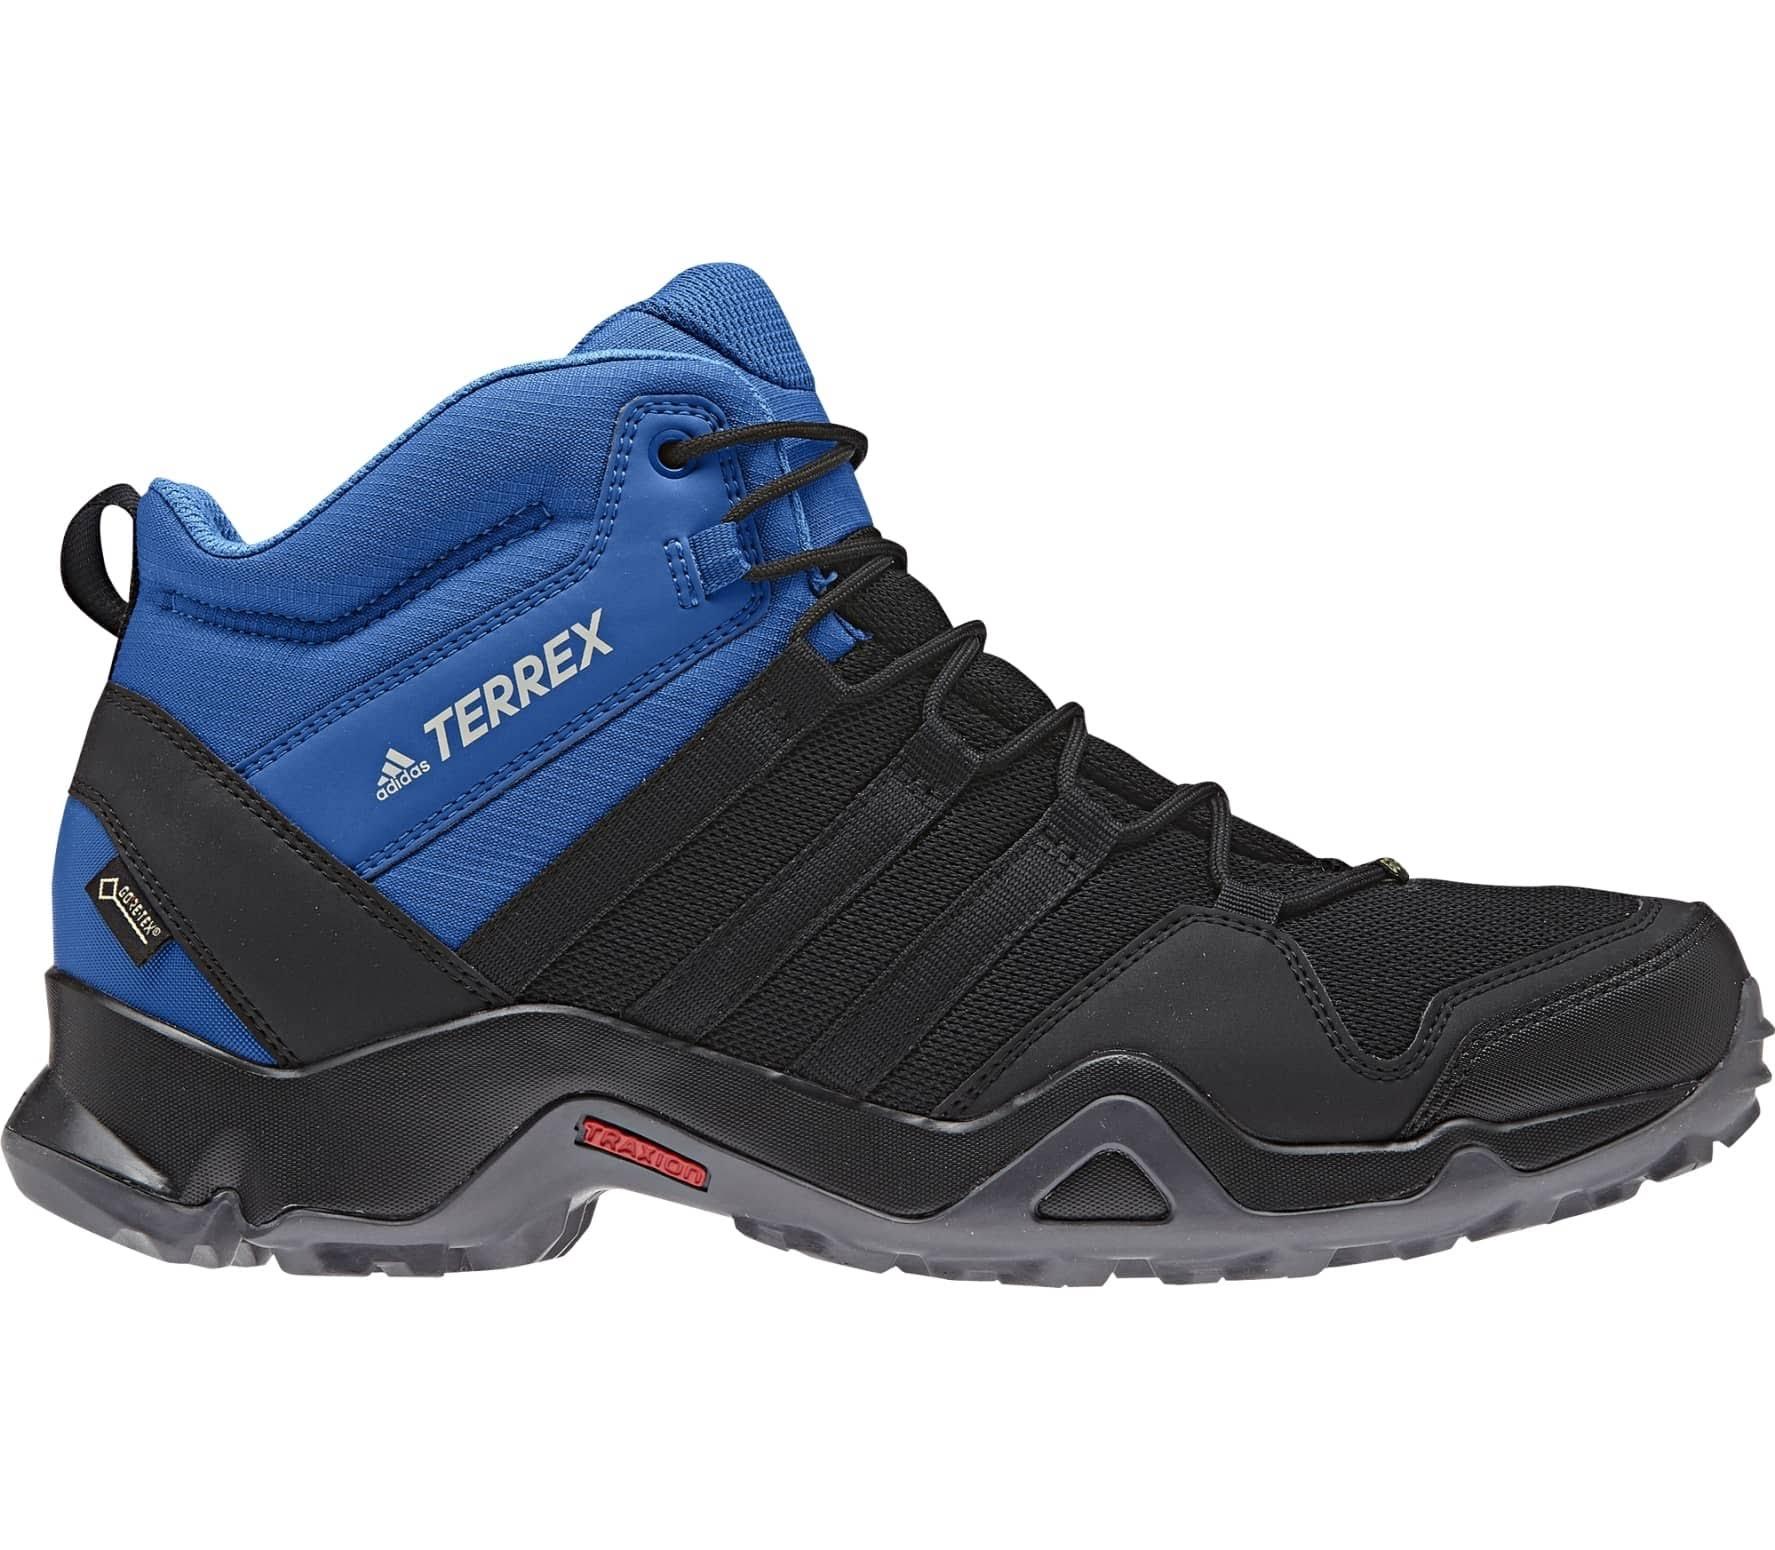 Adidas Terrex AX2R Mid GTX